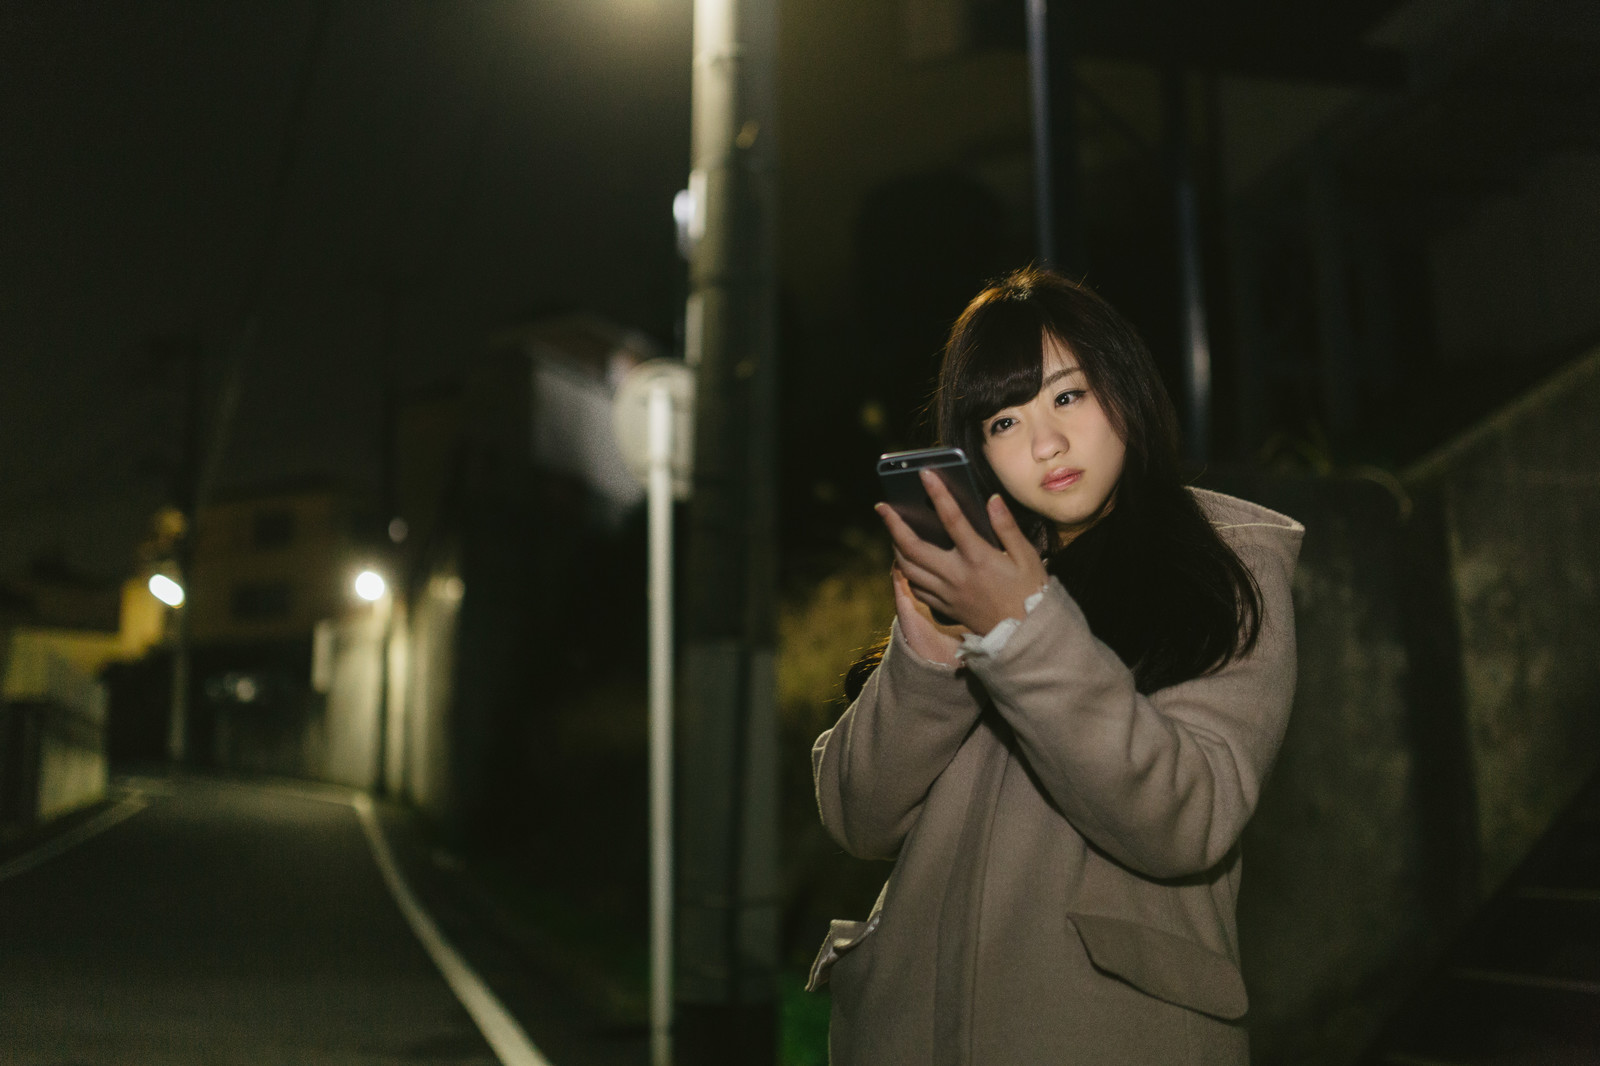 「夜道、スマホに夢中な女性夜道、スマホに夢中な女性」[モデル:河村友歌]のフリー写真素材